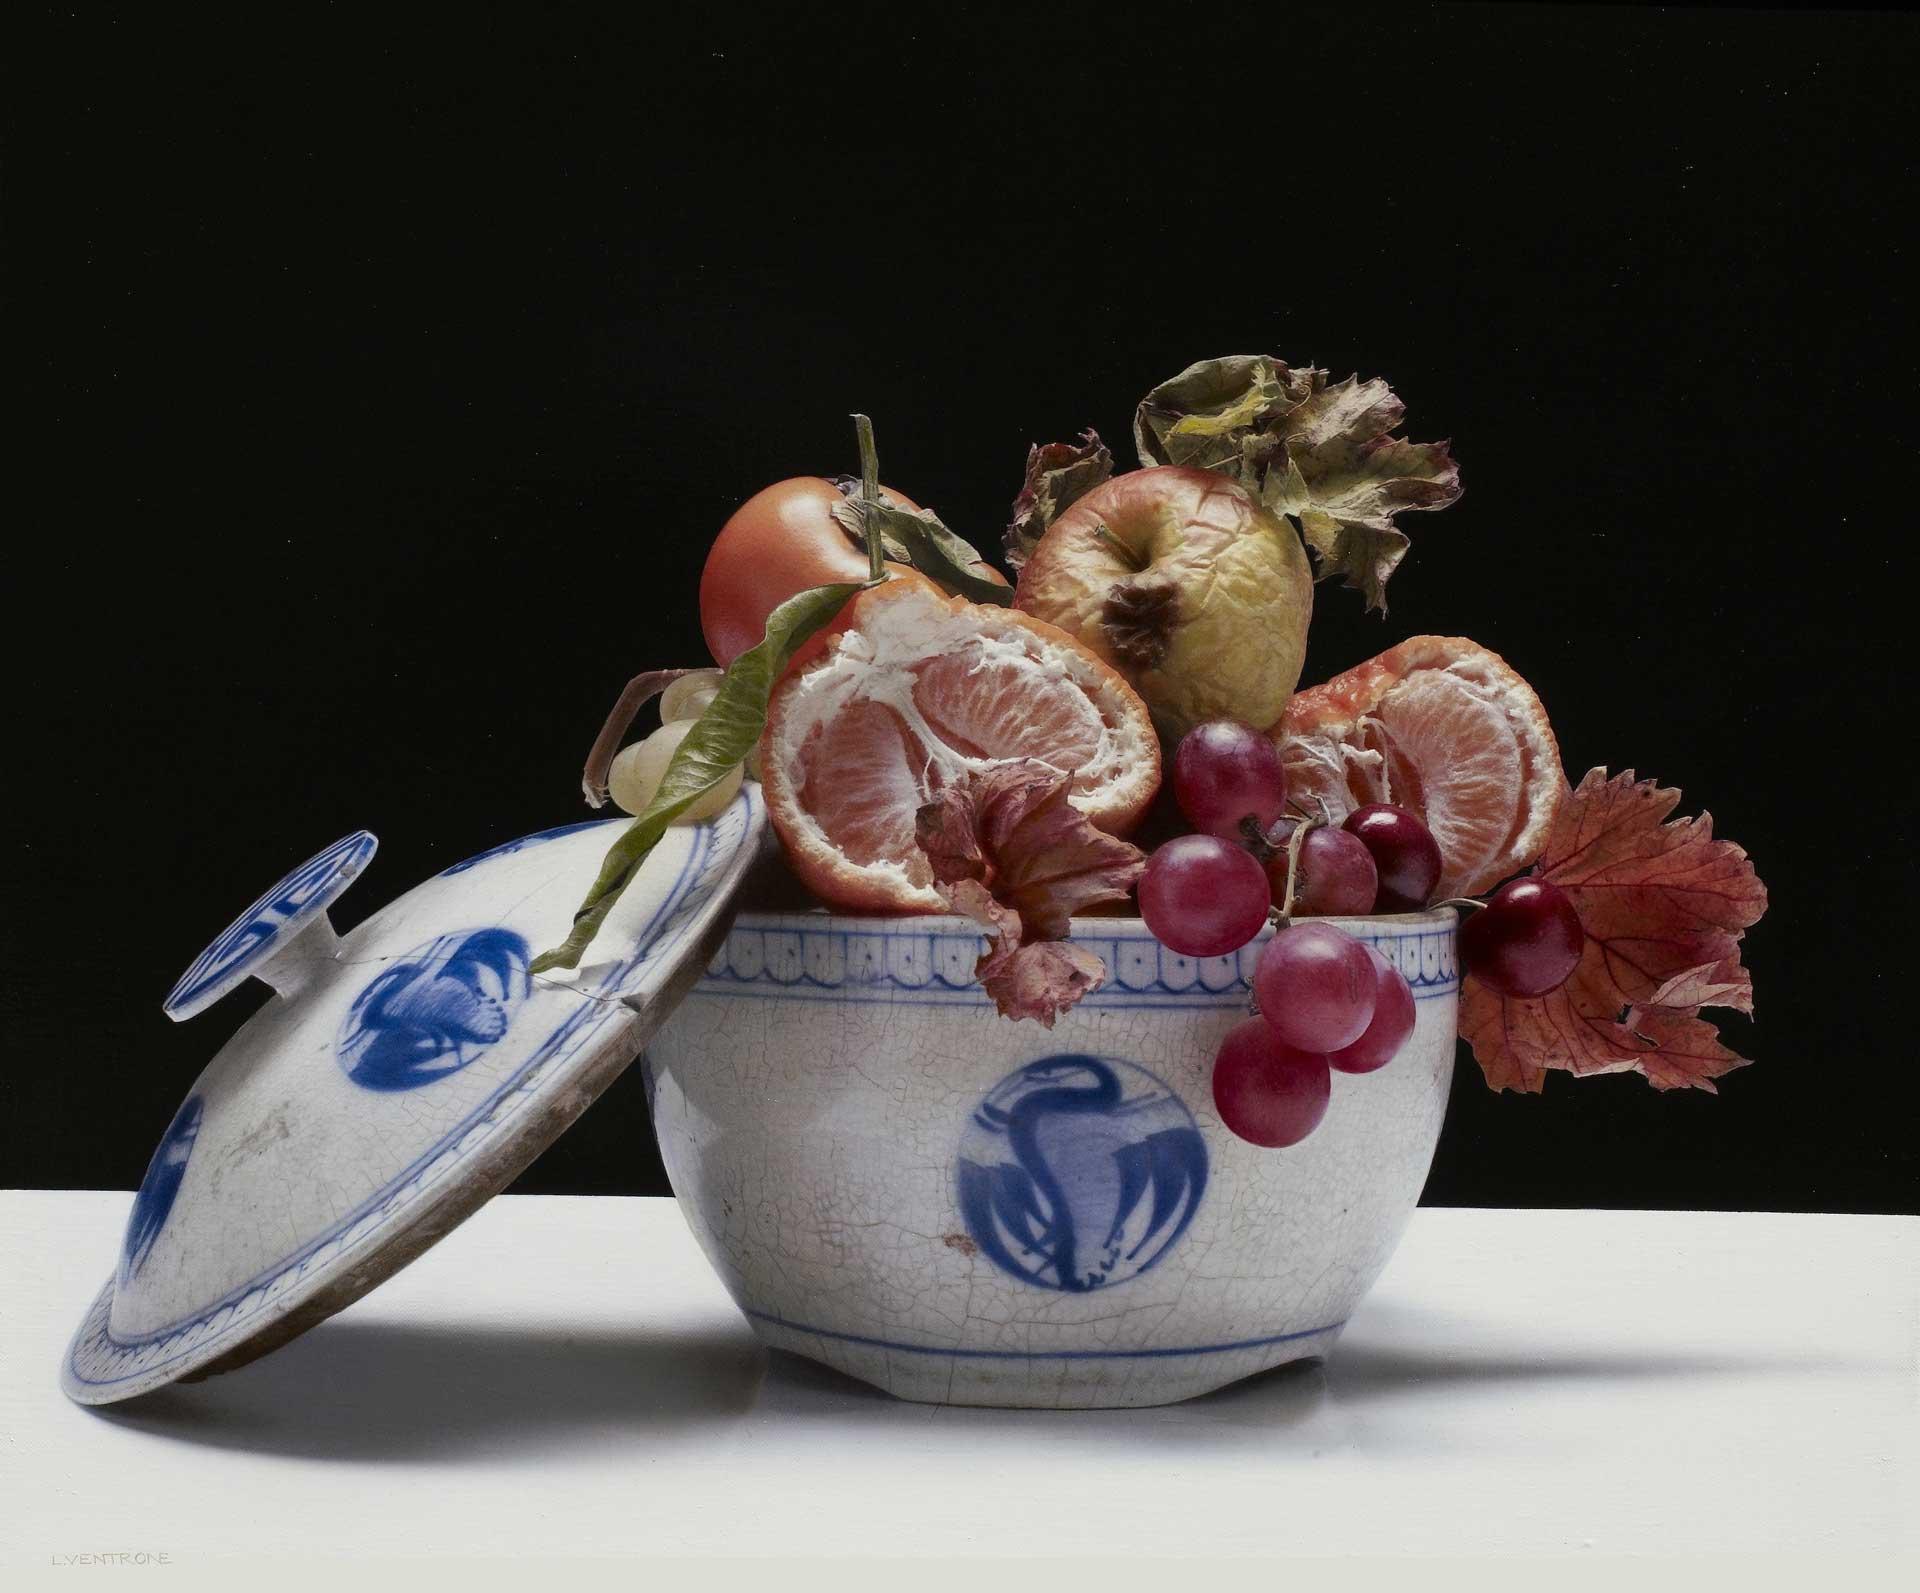 Il. Vaso di Pandora, 2013